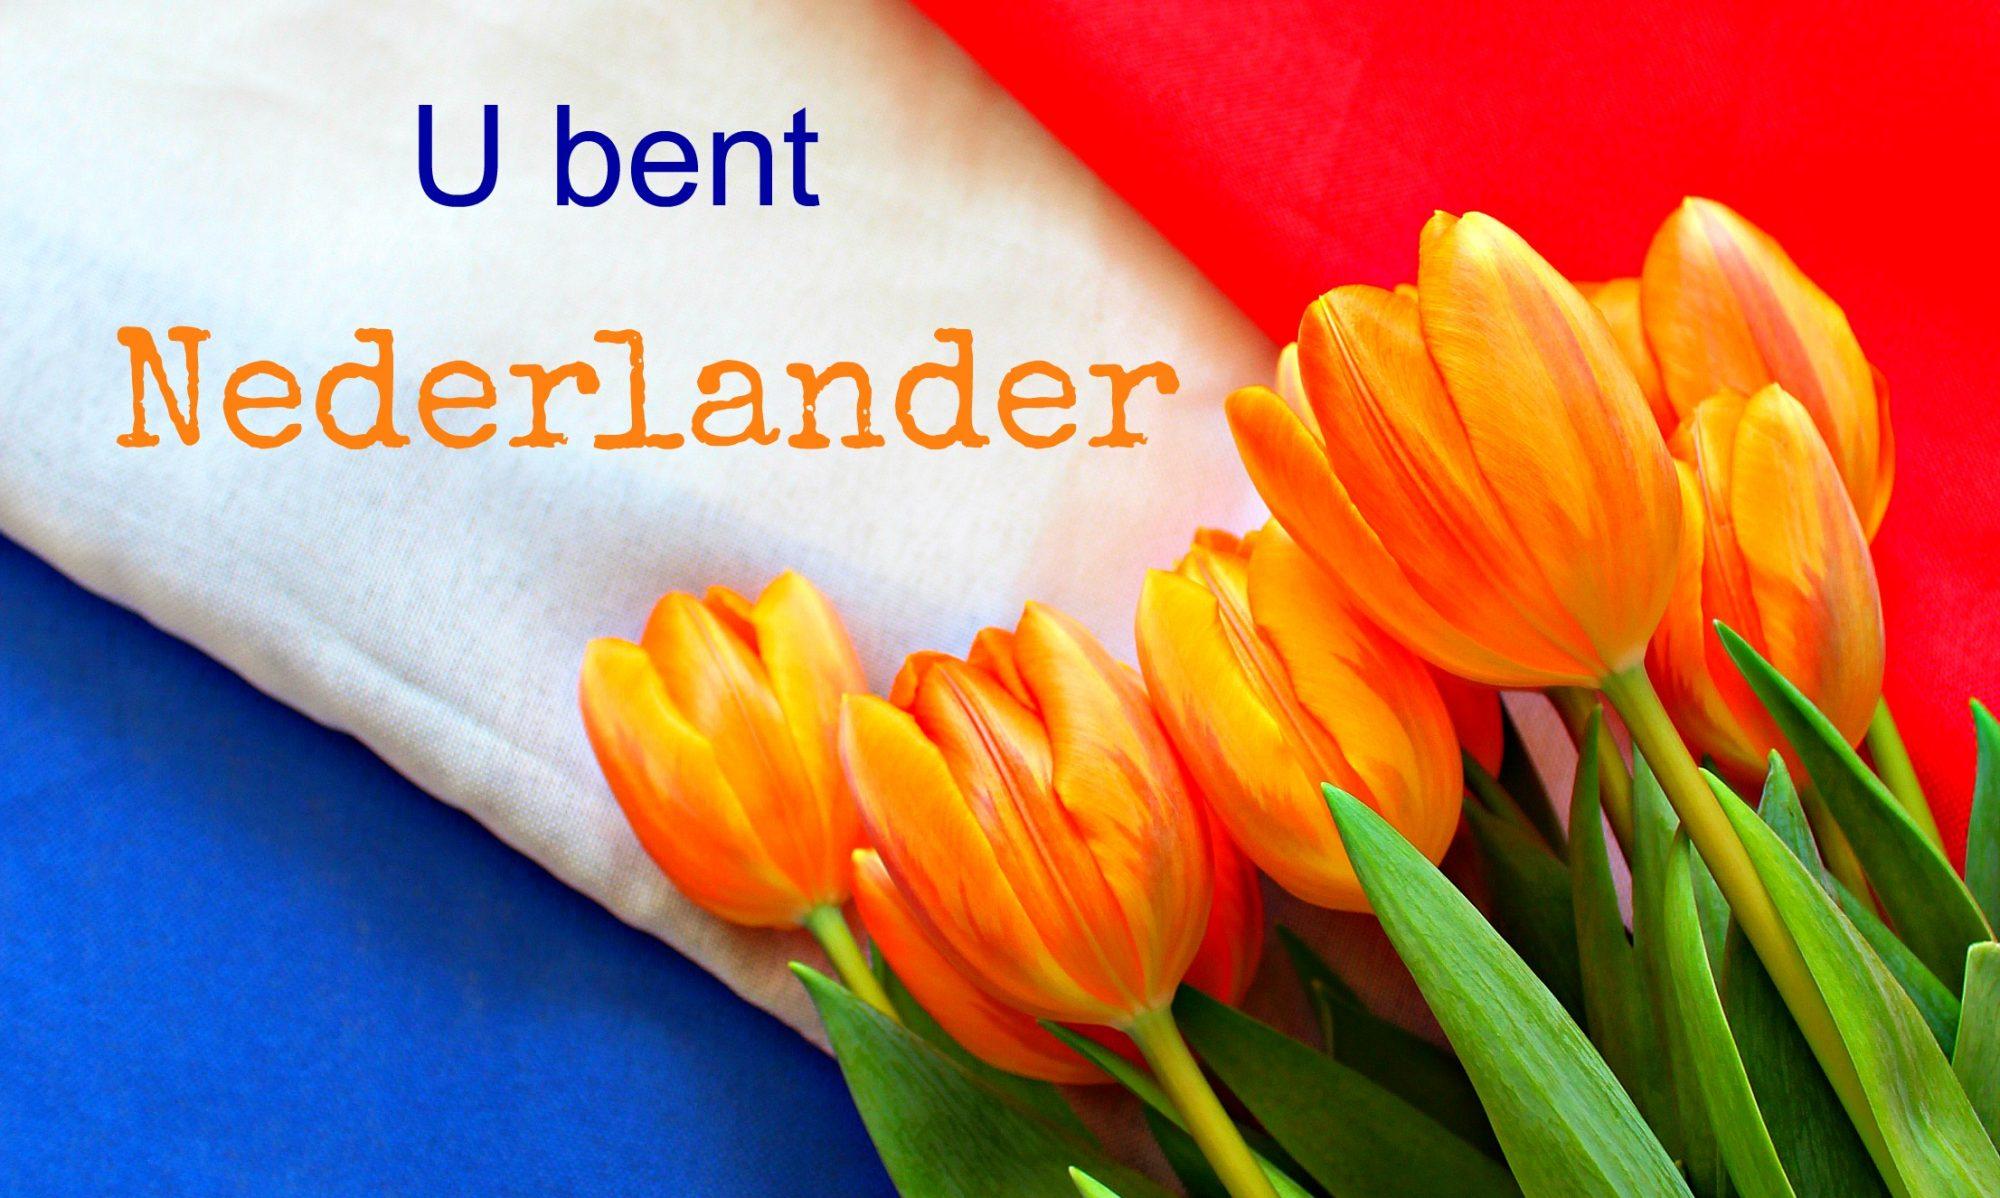 Maak kennis met Nederland op een duurzame manier